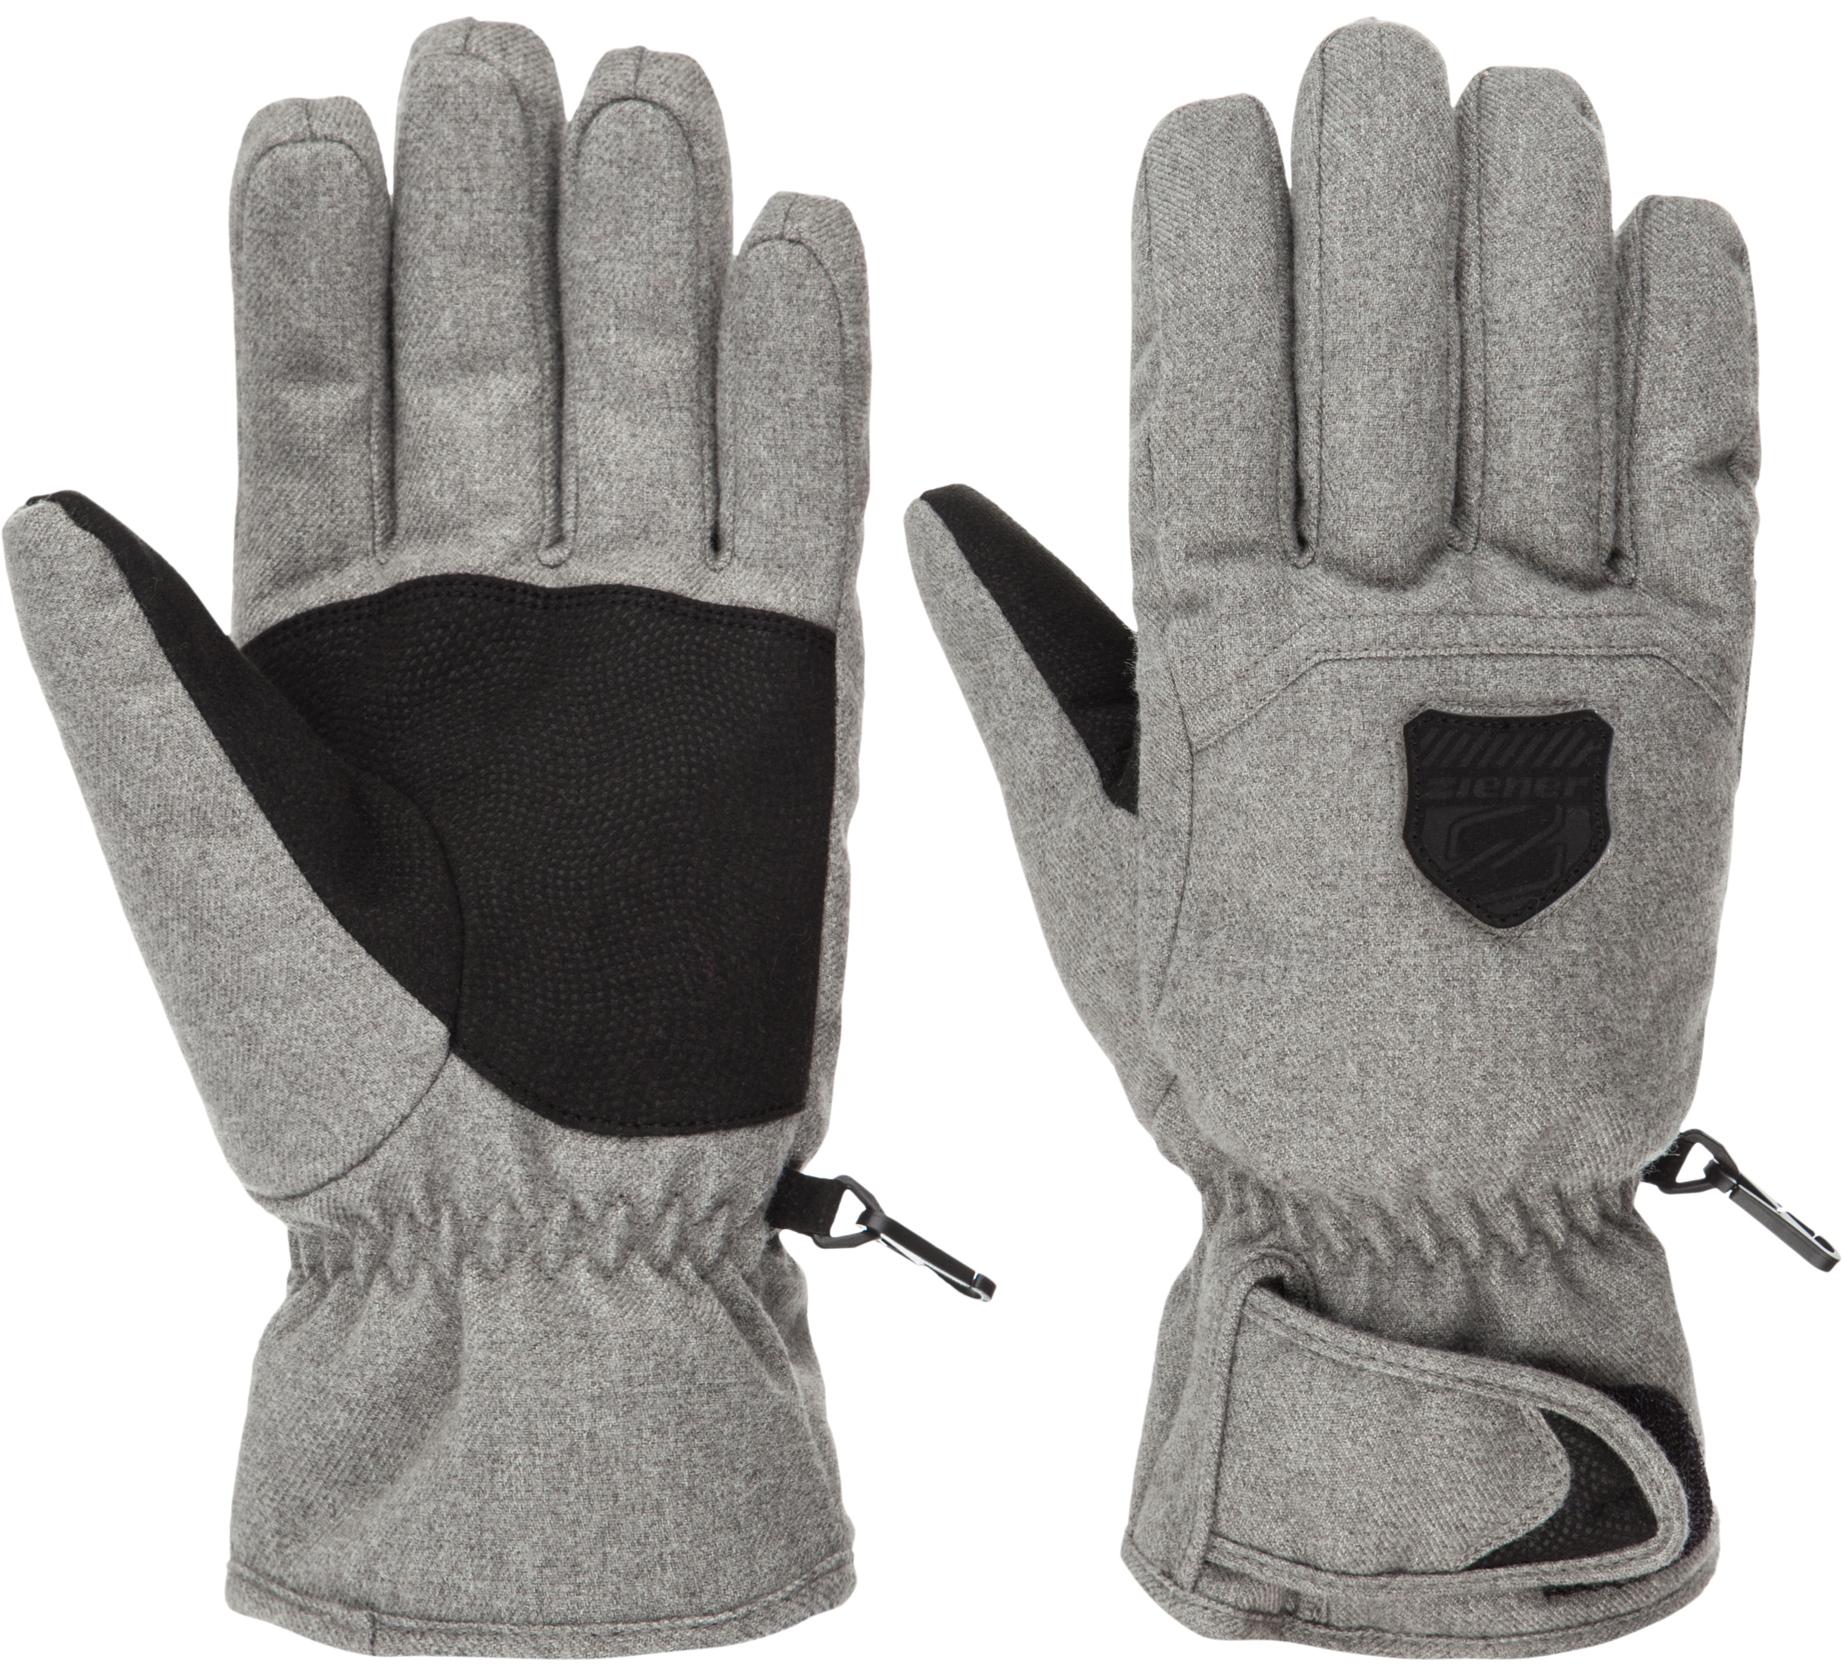 Ziener Перчатки мужские Ziener Grazias перчатки мужские ziener garim as sm glove ski alpine цвет черный синий салатовый 170019 798 размер 9 5